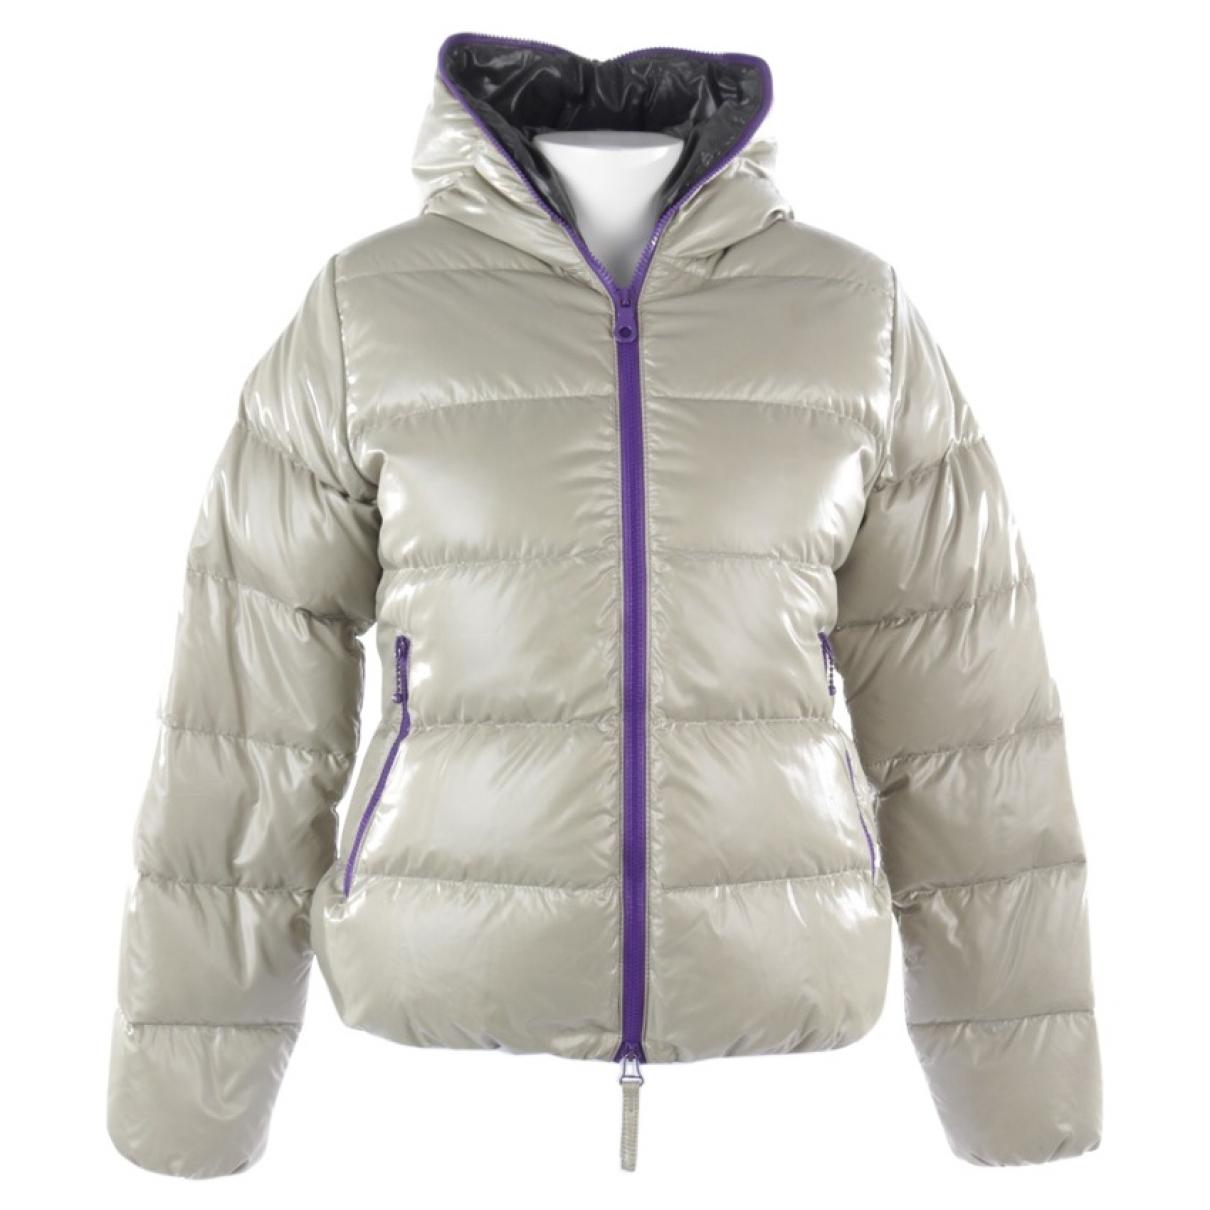 Duvetica \N Beige jacket for Women 38 FR